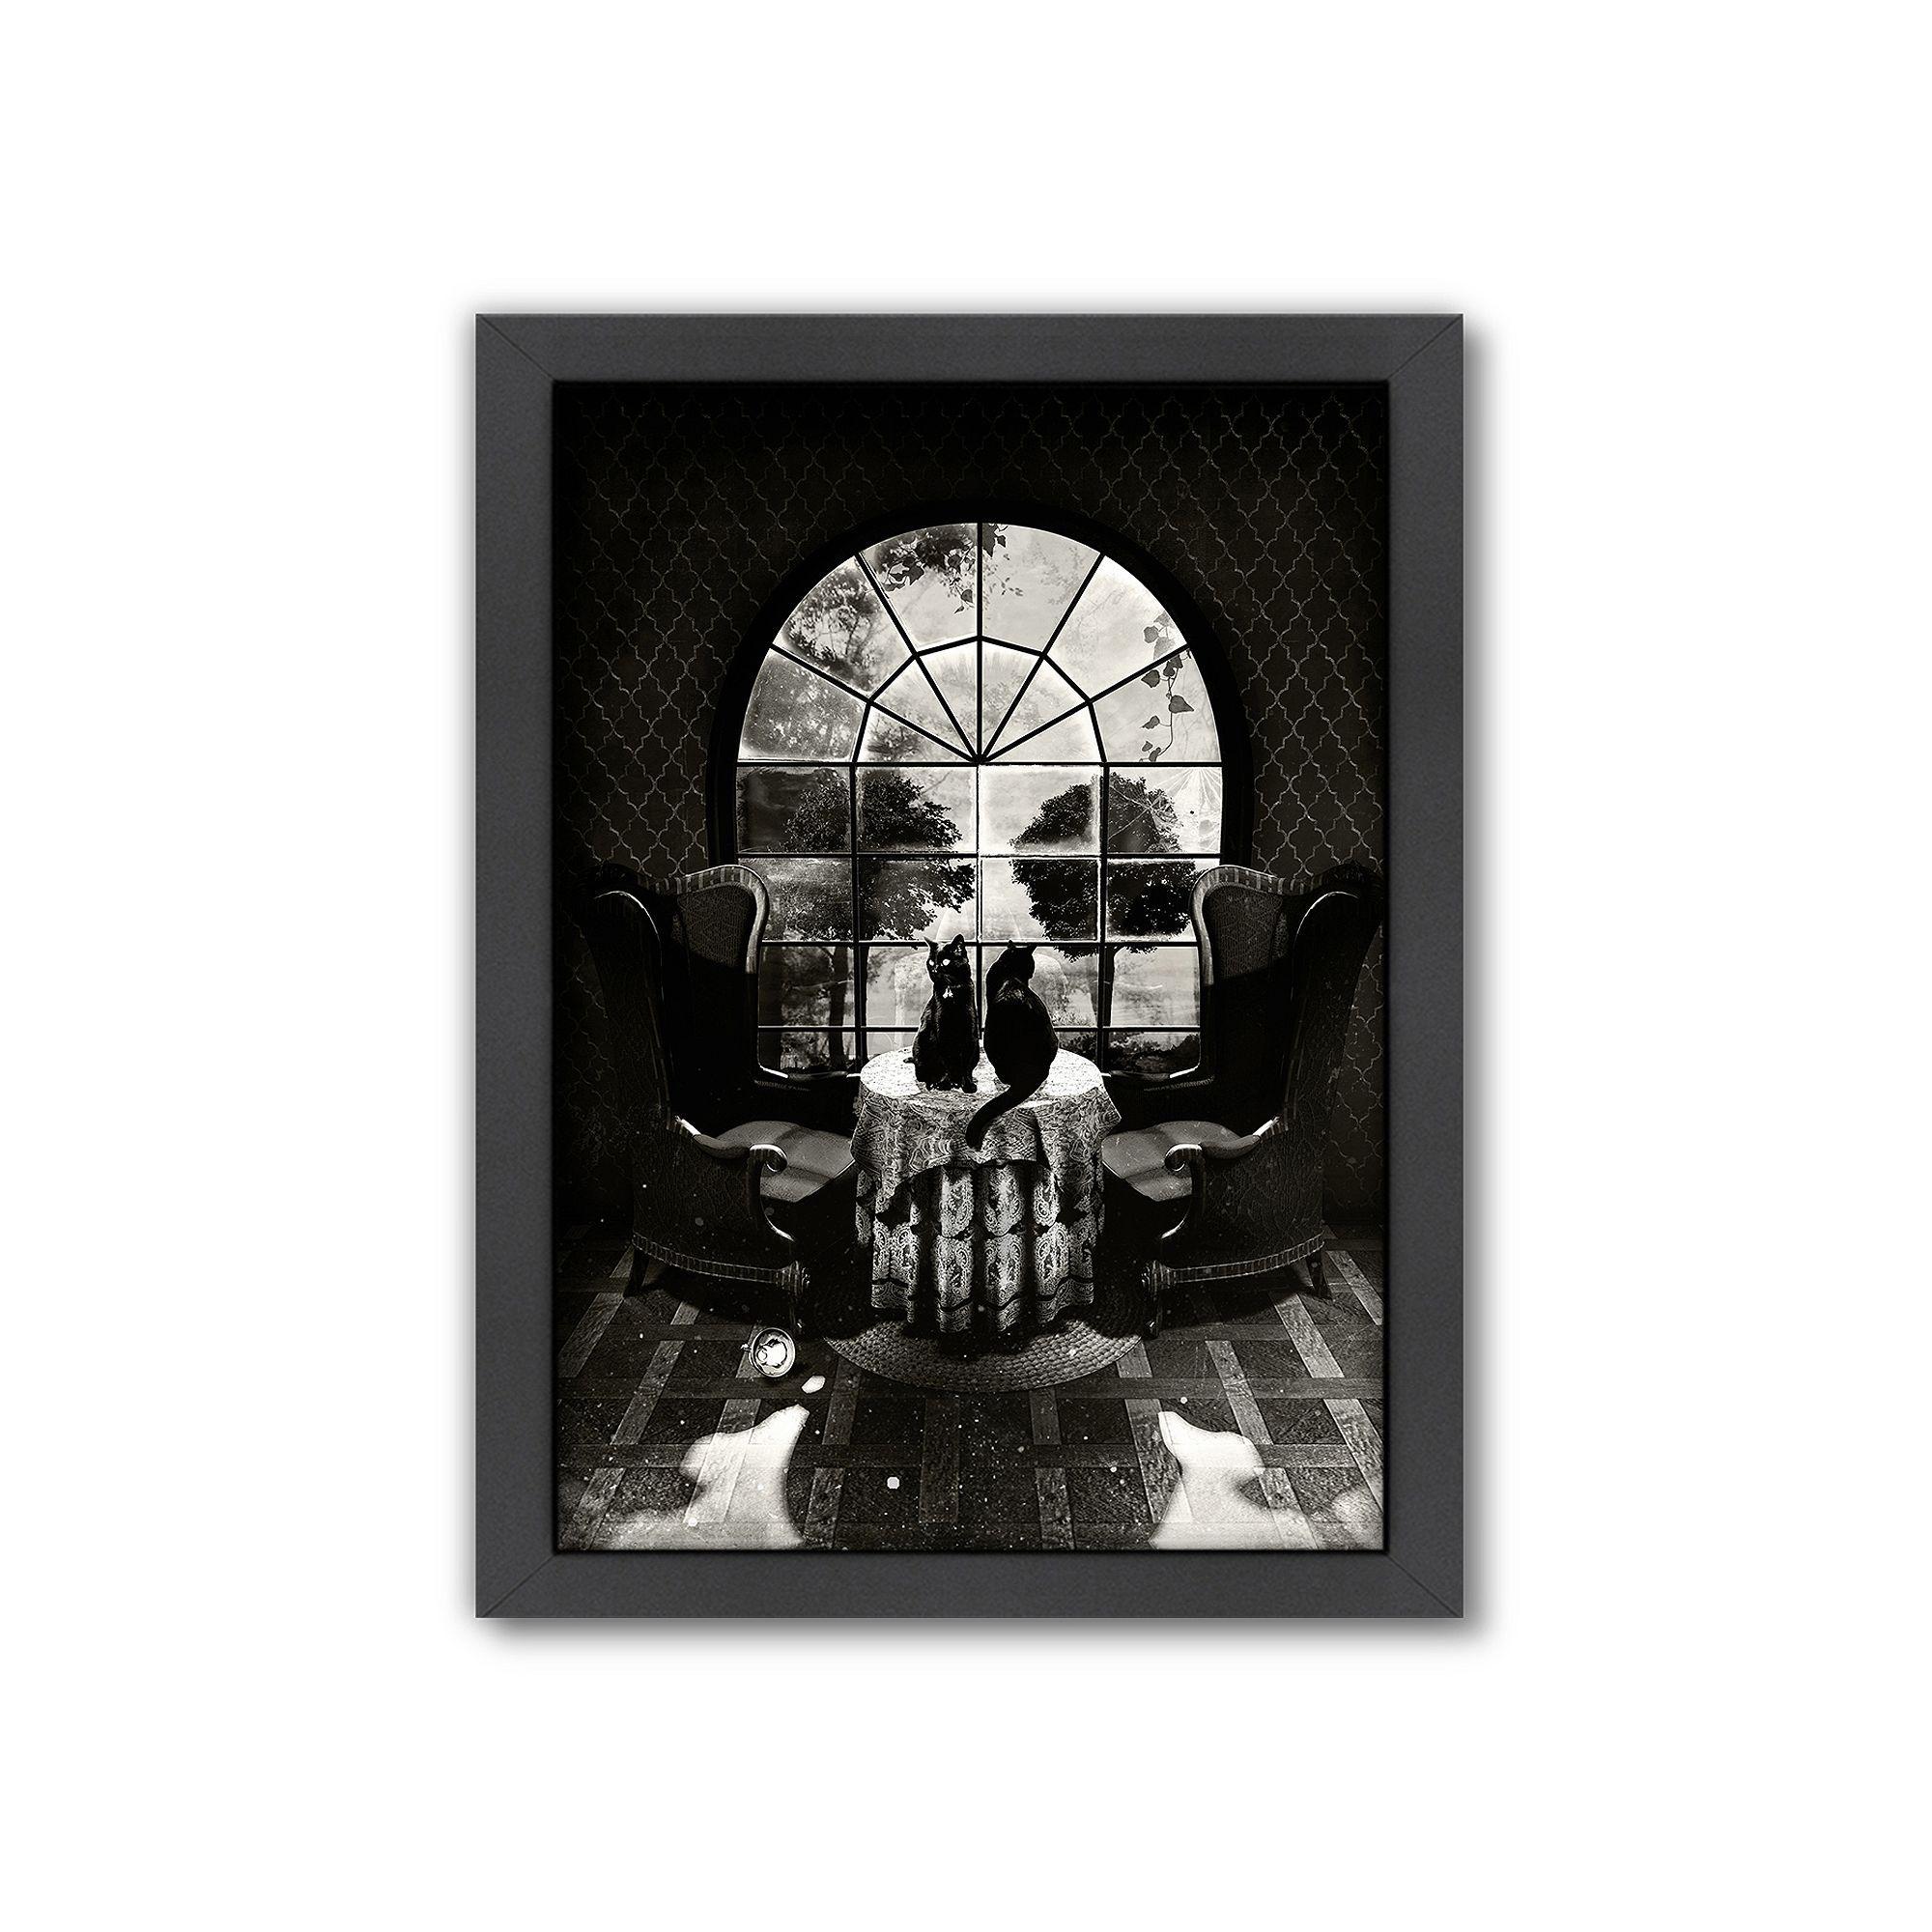 Americanflat uuroom skulluu framed wall art framed wall art and